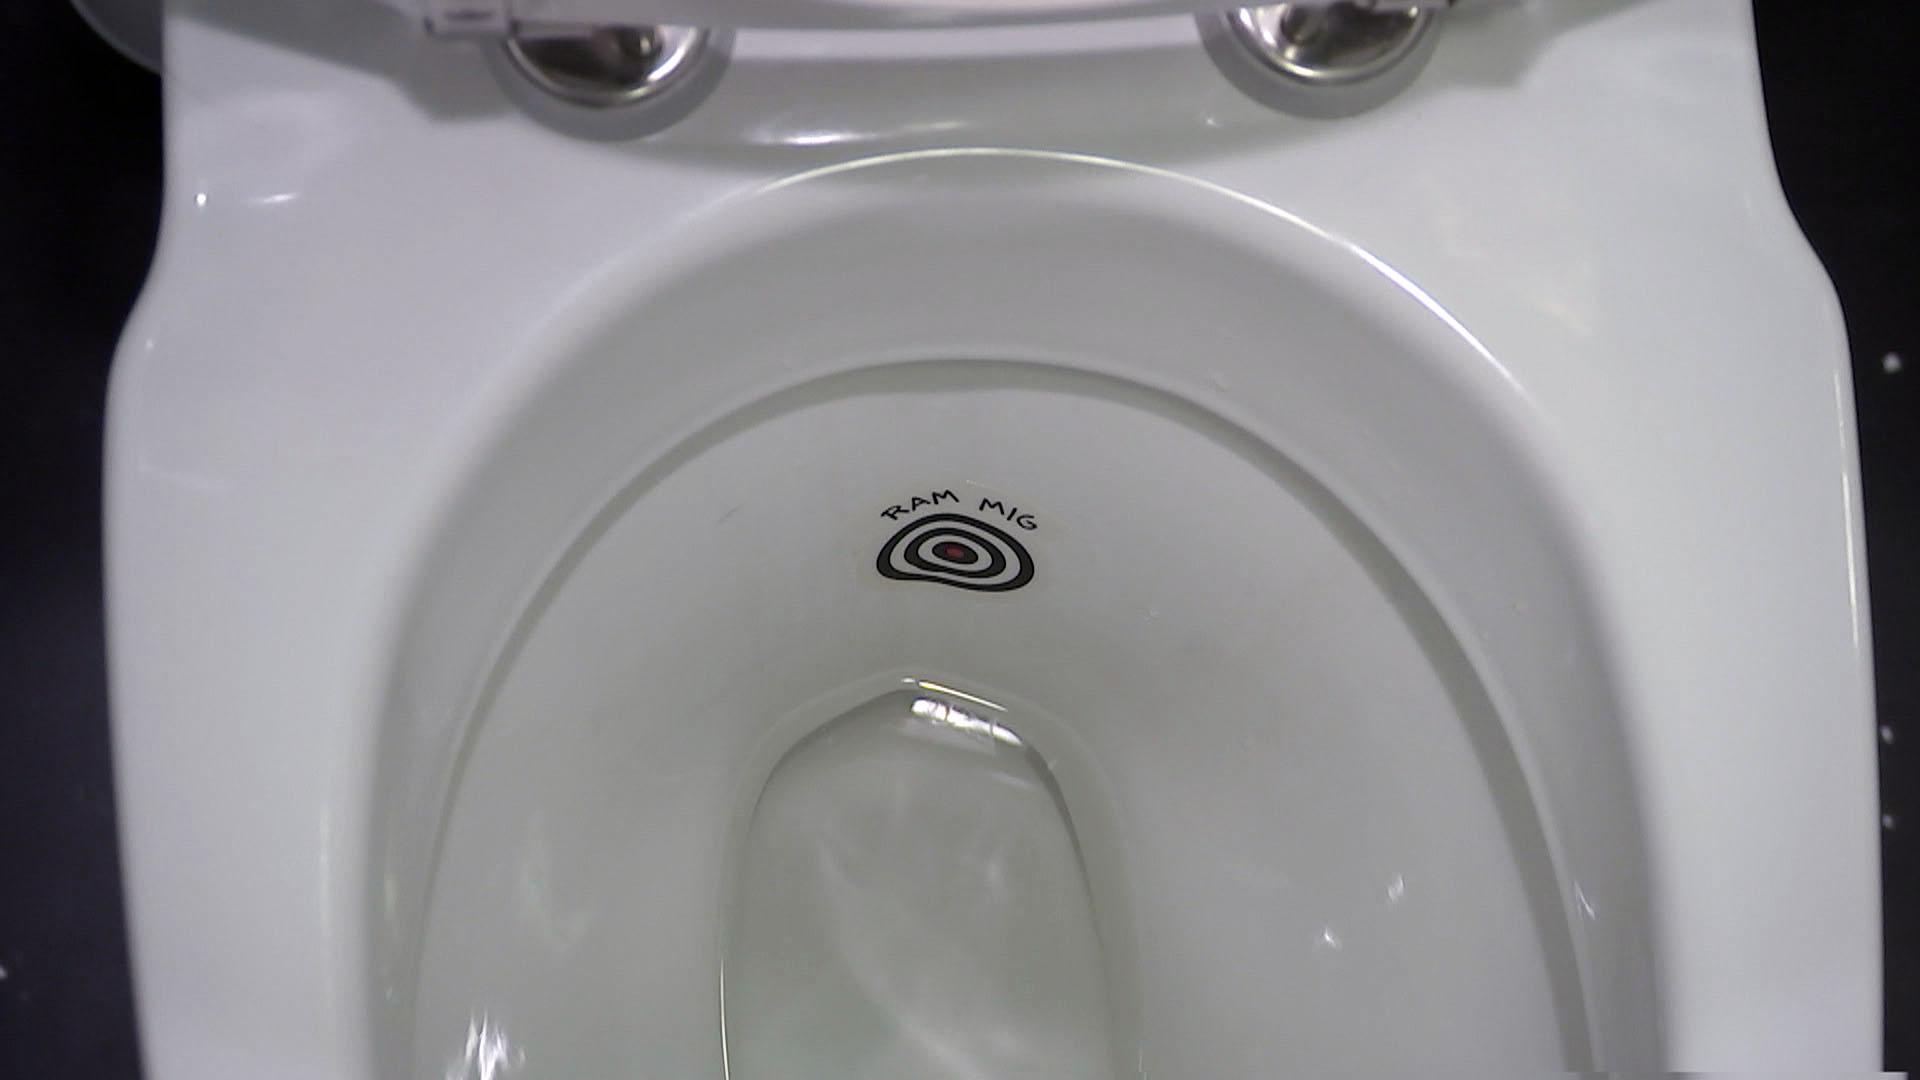 llli_c_fri_toilett2-00.04.54.15_0.jpg